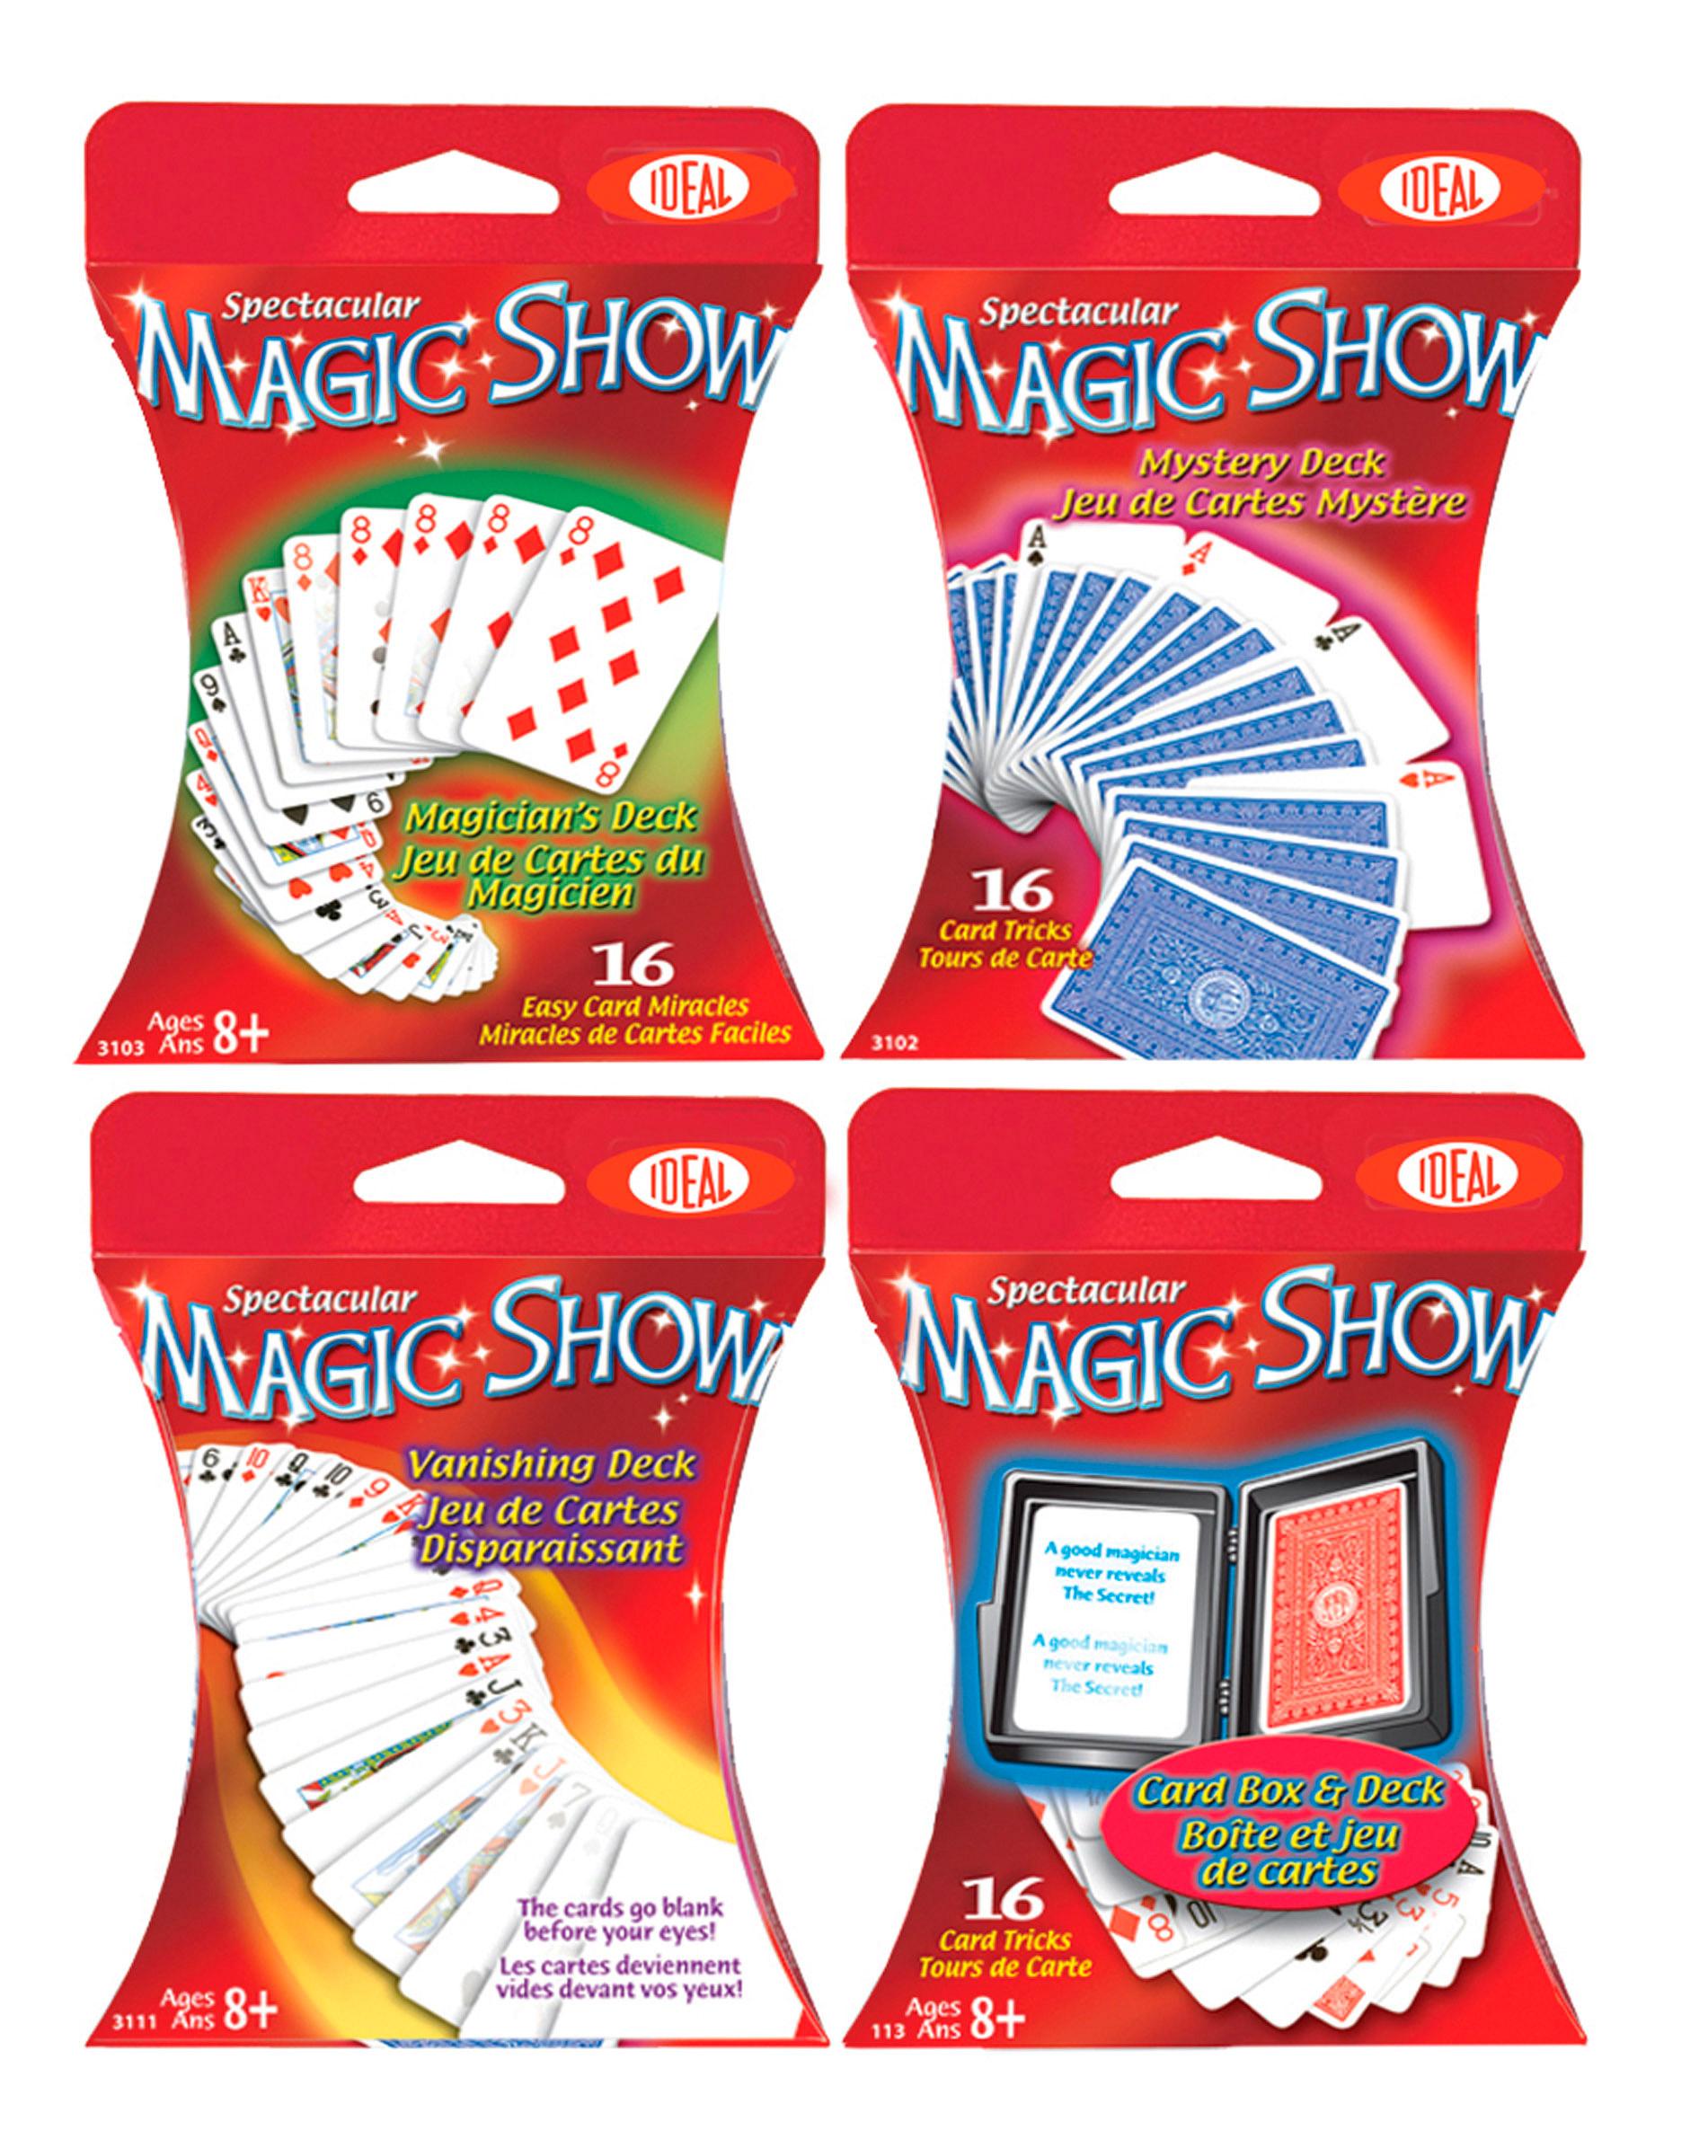 ideal cartes magiques assorties club jouet achat de jeux et jouets prix club. Black Bedroom Furniture Sets. Home Design Ideas